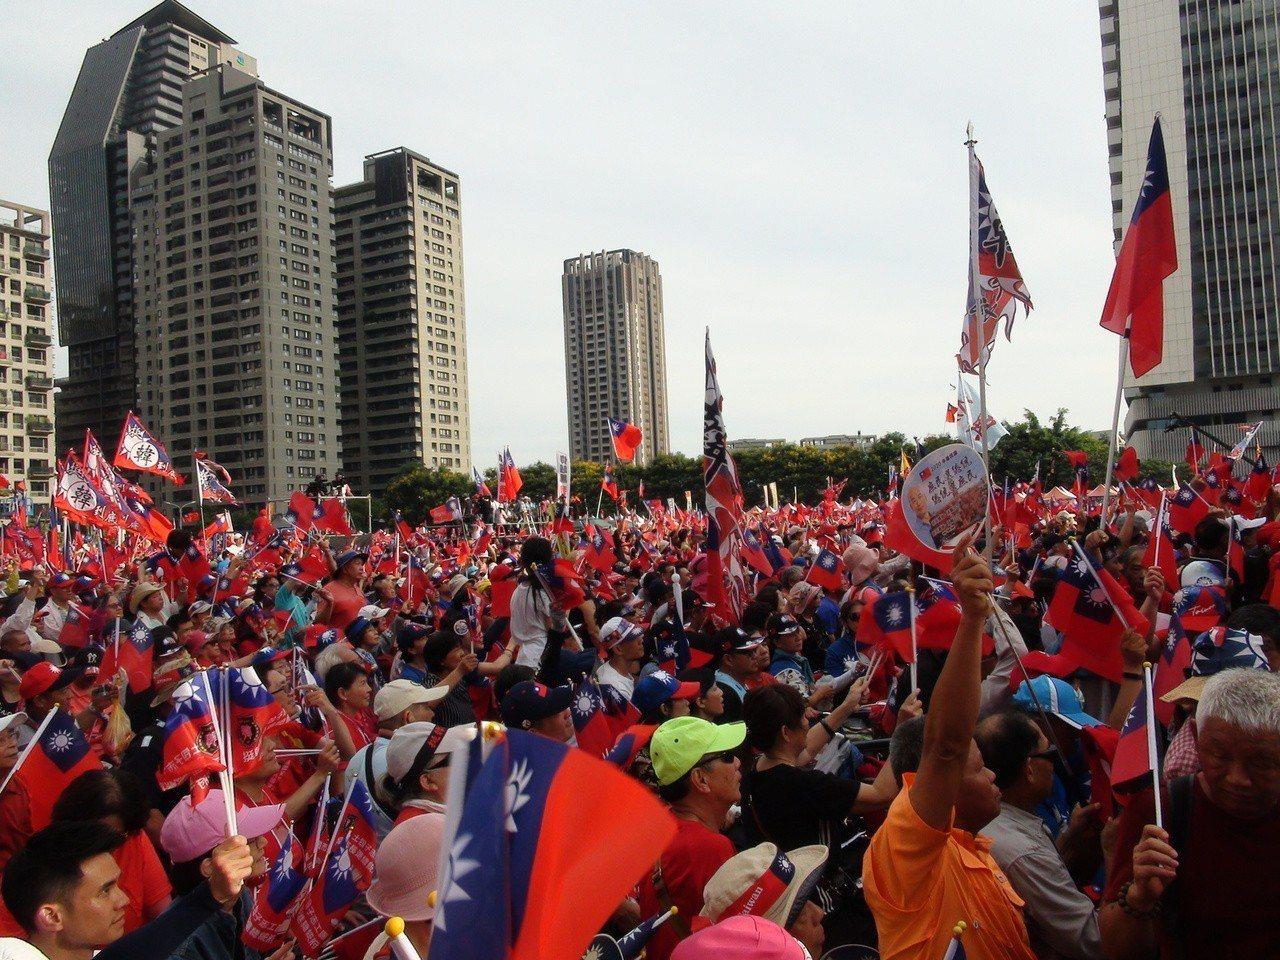 高雄市長韓國瑜今天到台中造勢,會場已經聚集許多韓粉,5時10分,主辦單位現場宣布...